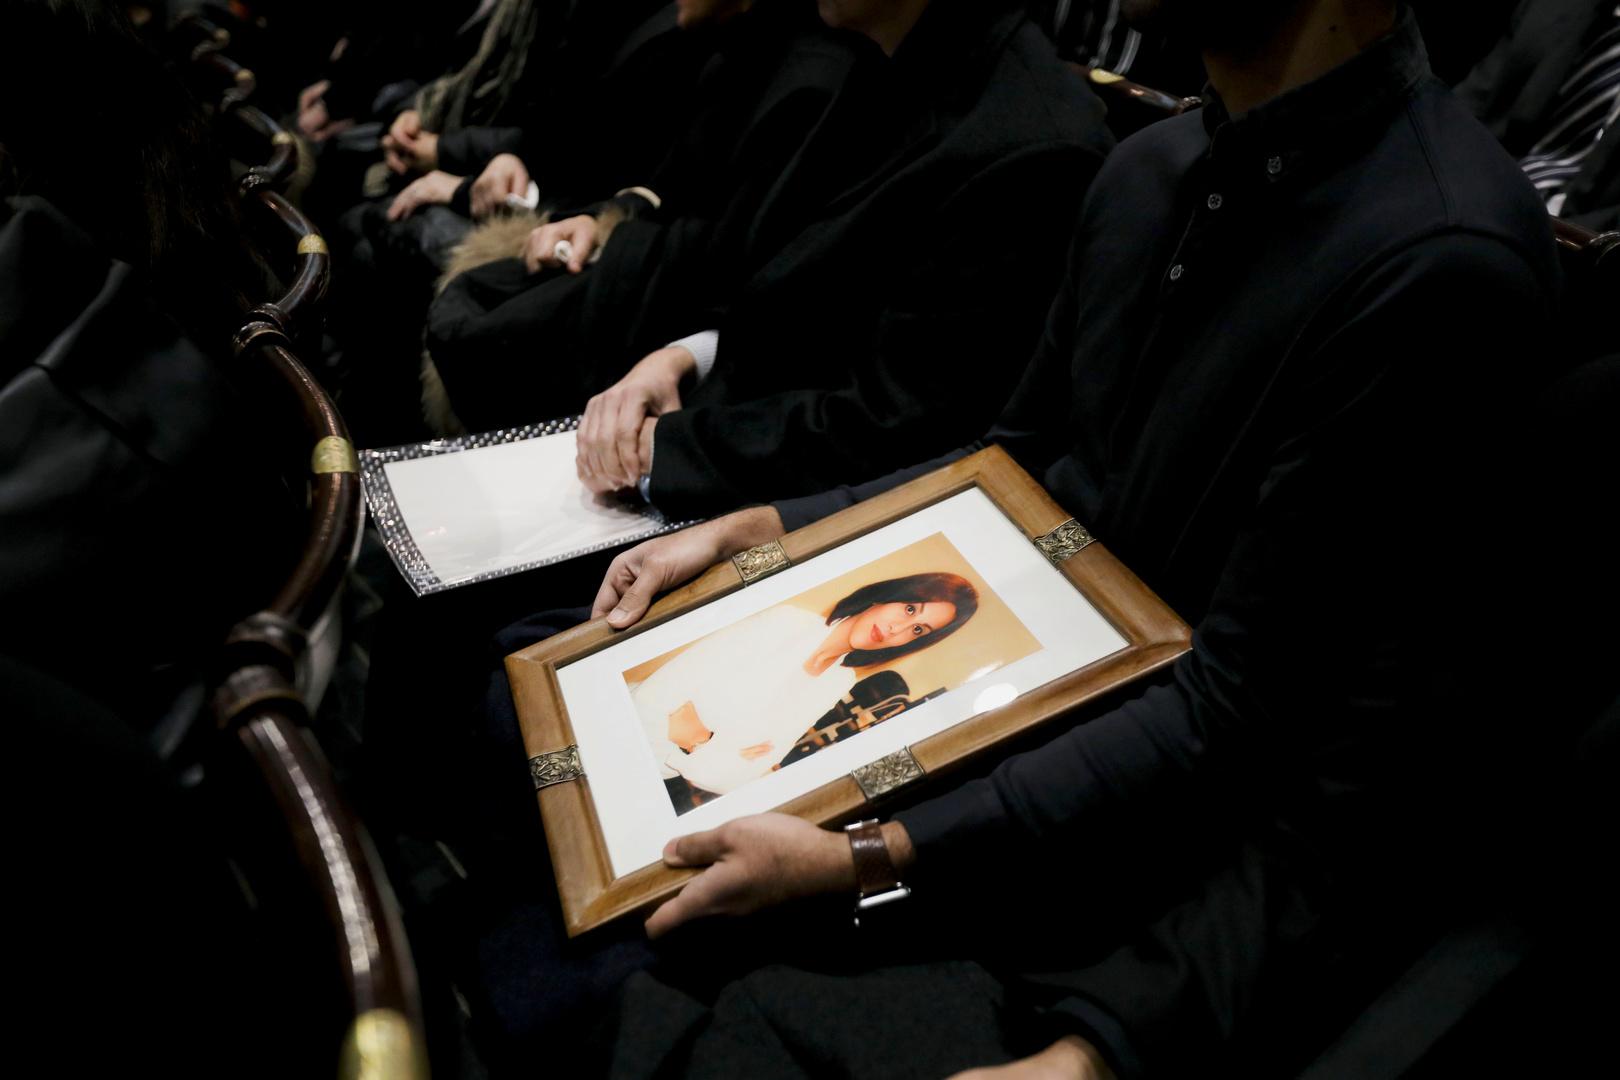 دفع إيران تعويضات مالية لذوي ضحايا كارثة الطائرة الأوكرانية أولوية لكندا